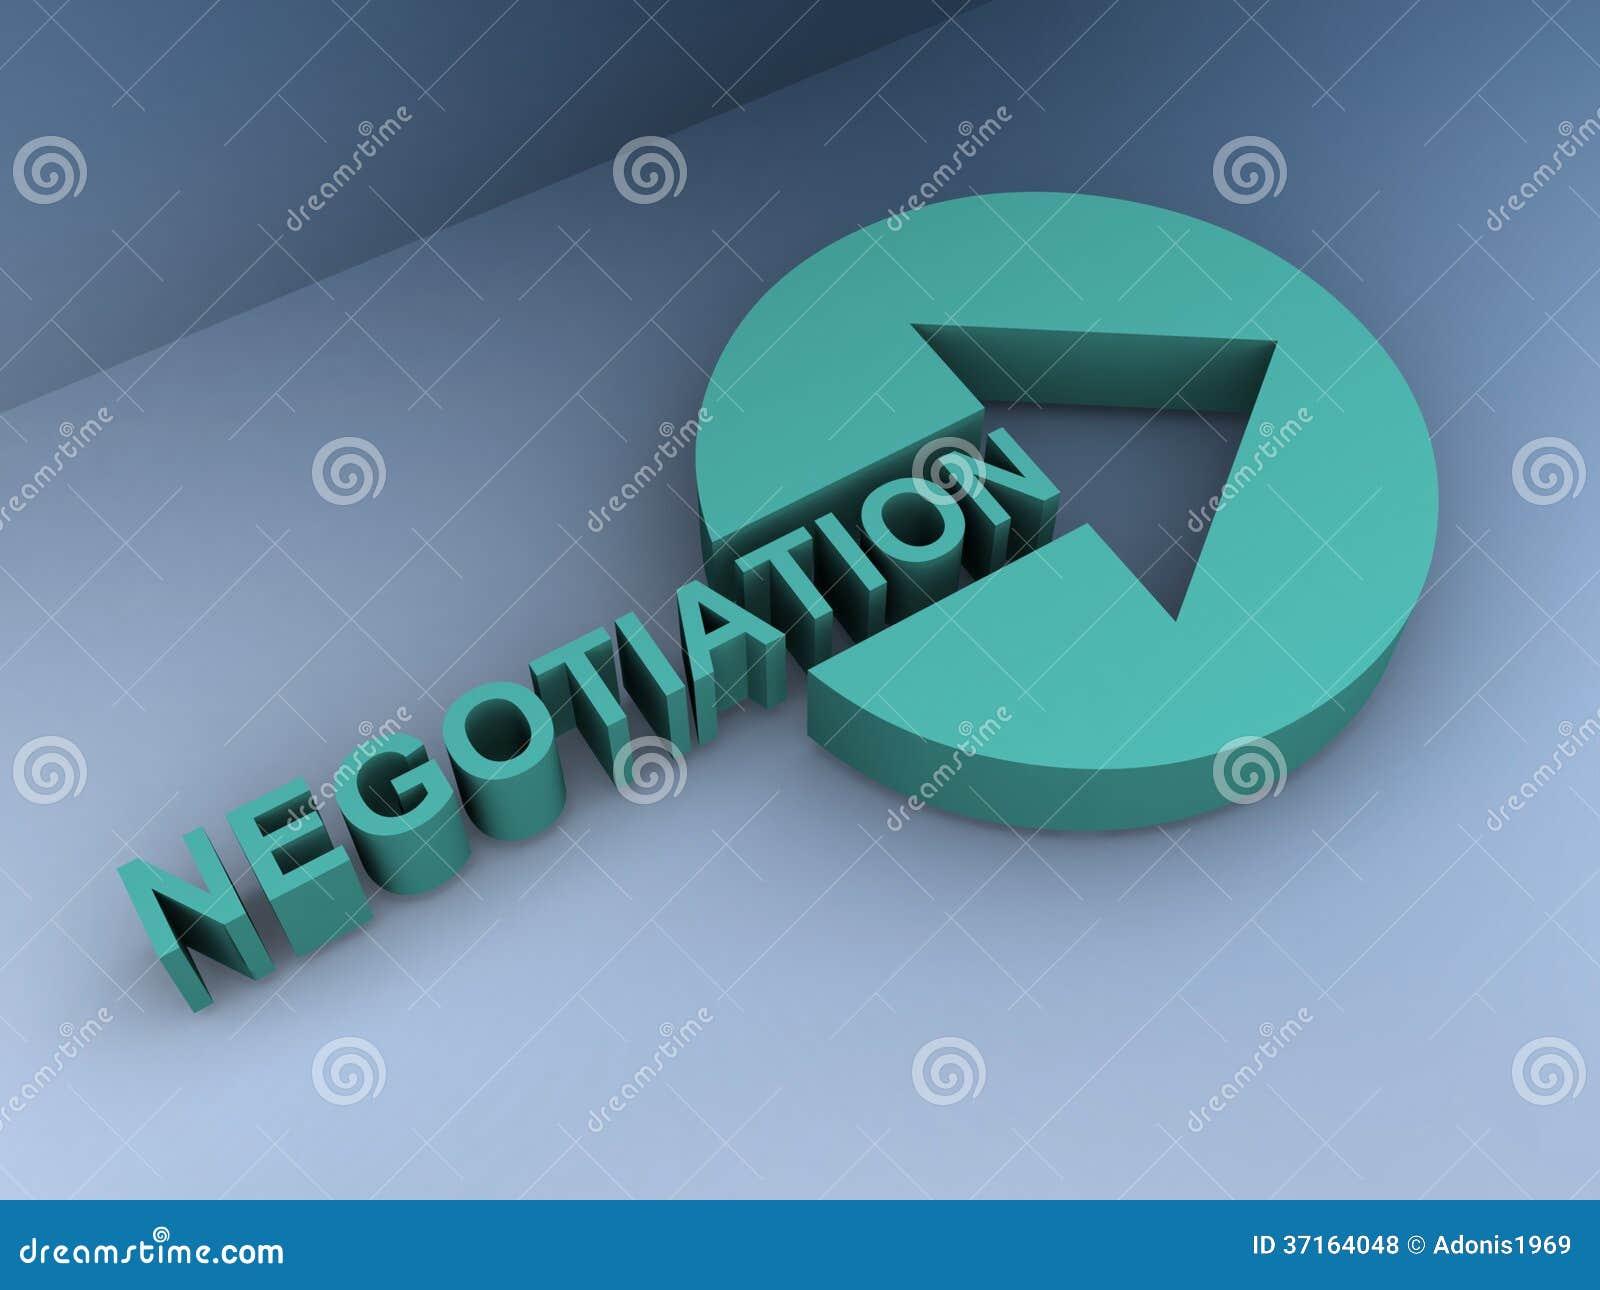 Negotiation illustration stock photo image of team abstract negotiation illustration biocorpaavc